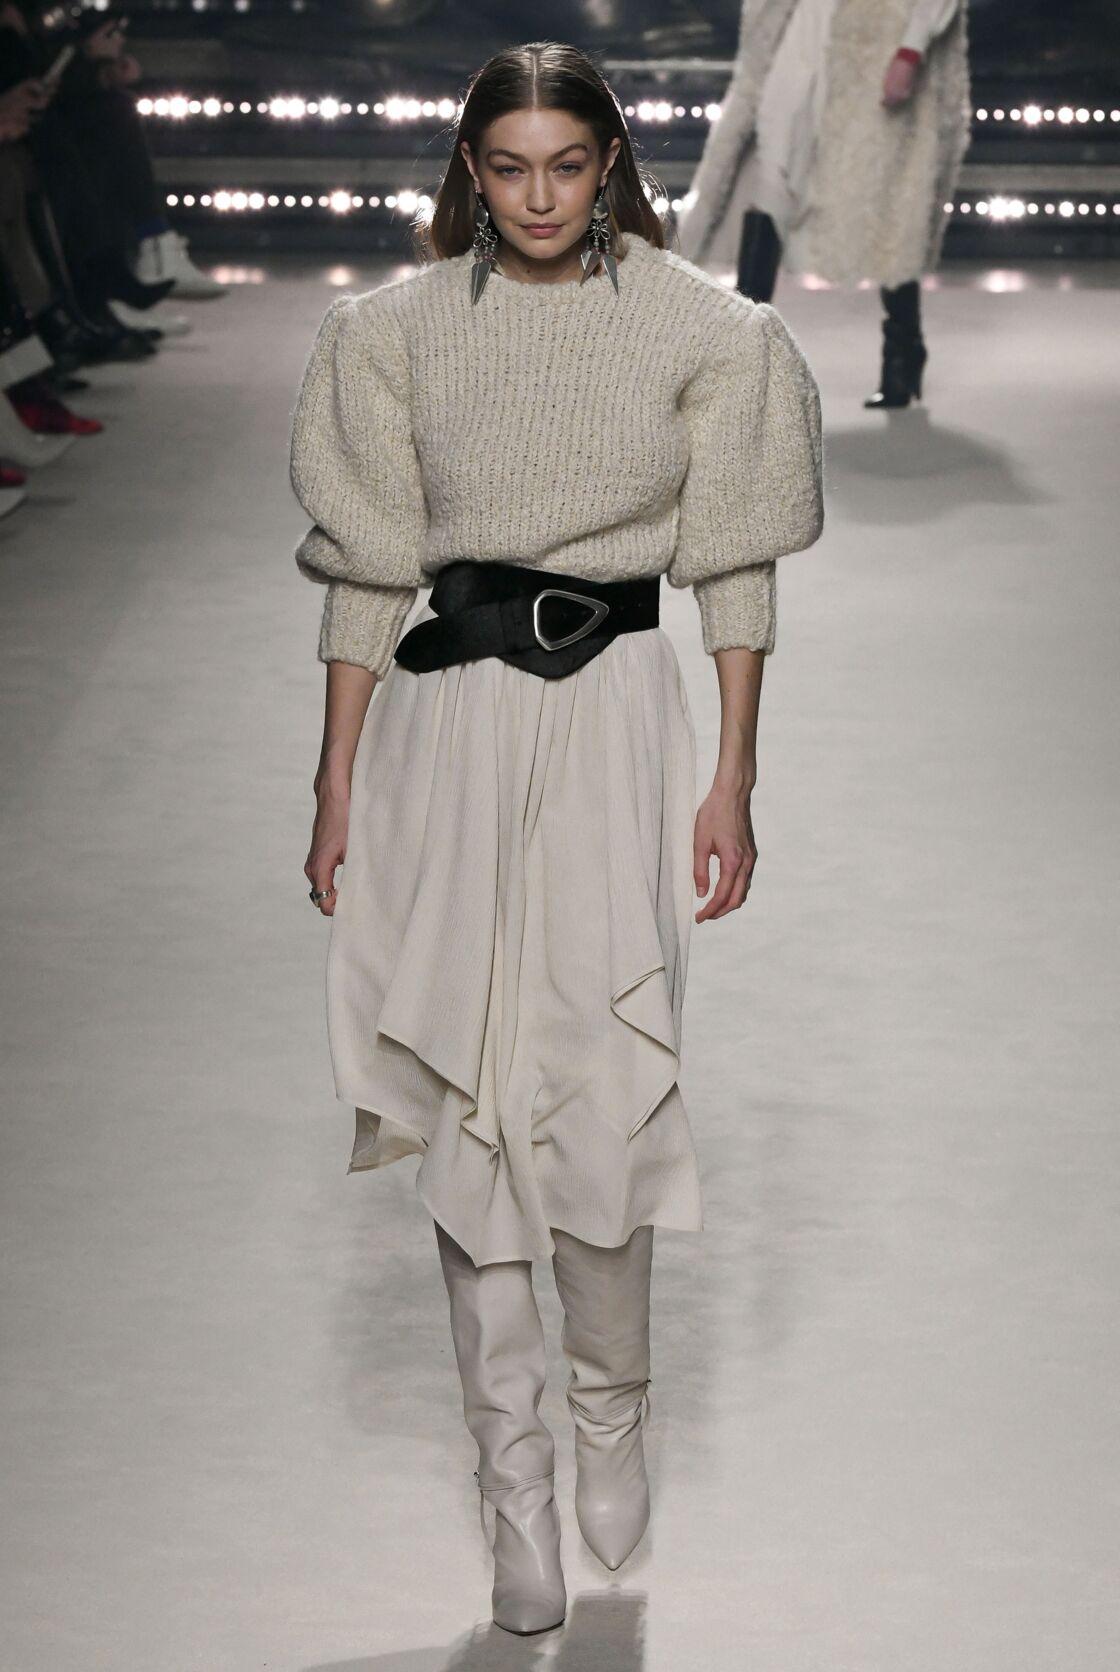 La ceinture XXL se porte sur un pull en cachemire et une jupe mi-longue lors du défilé automne-hiver 2020/2021 d'Isabel Marant